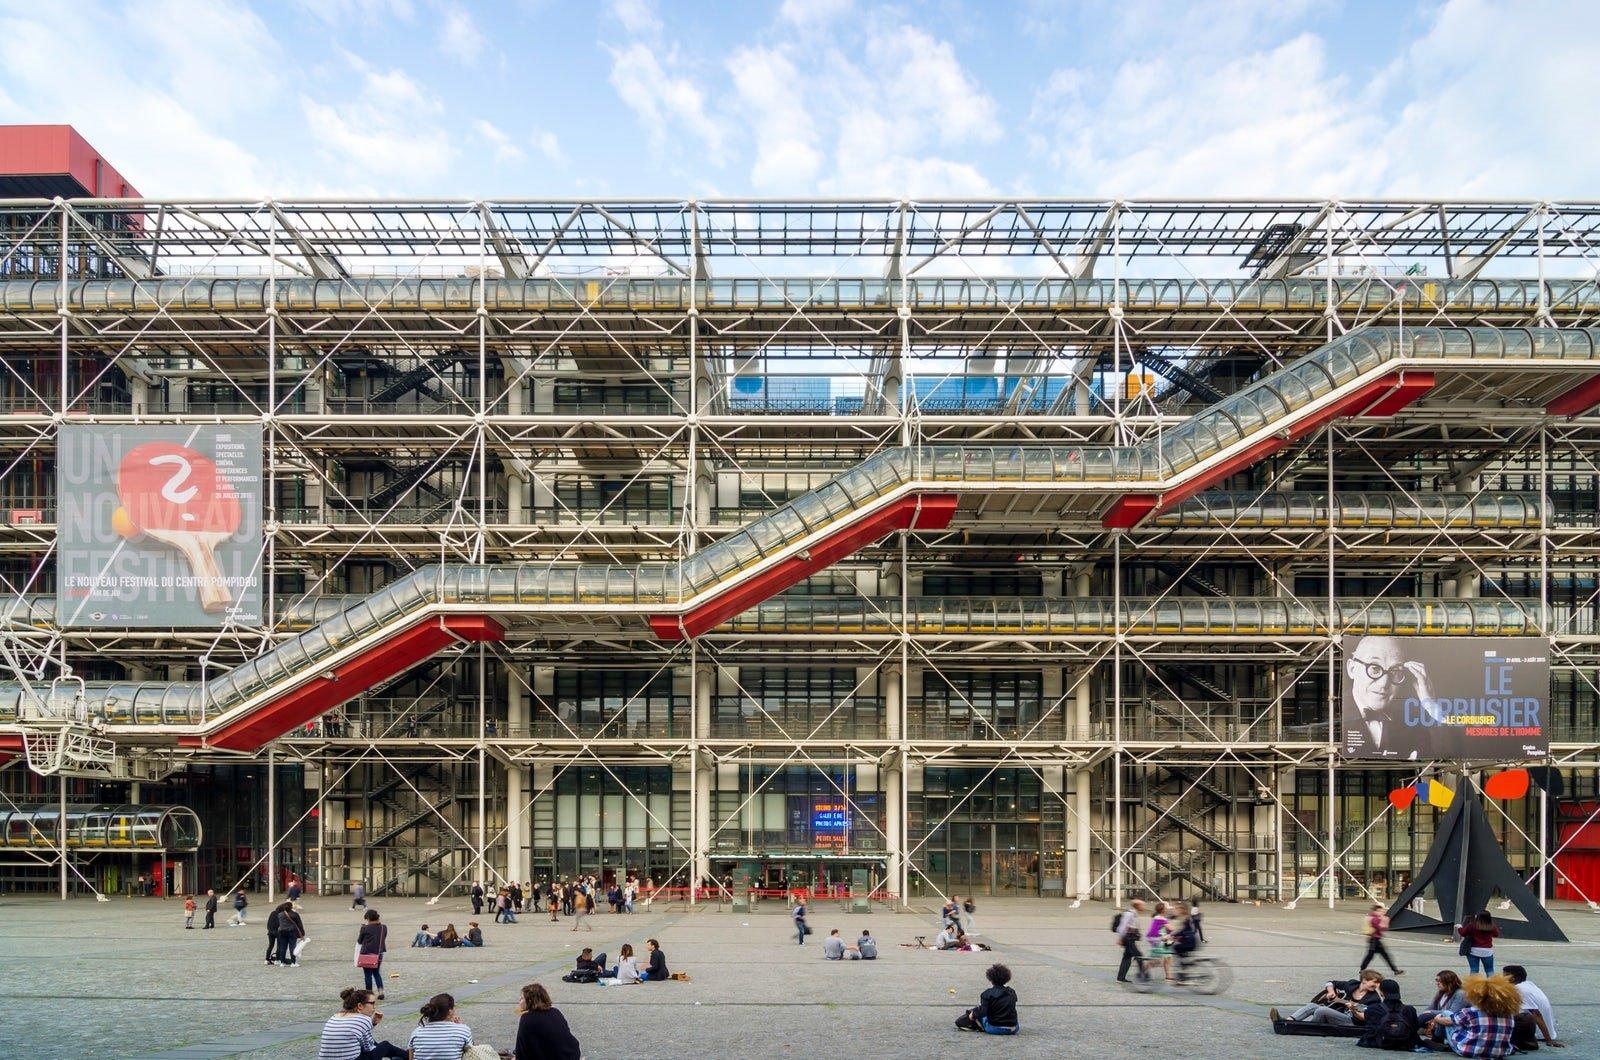 1977 Center Georges Pompidou